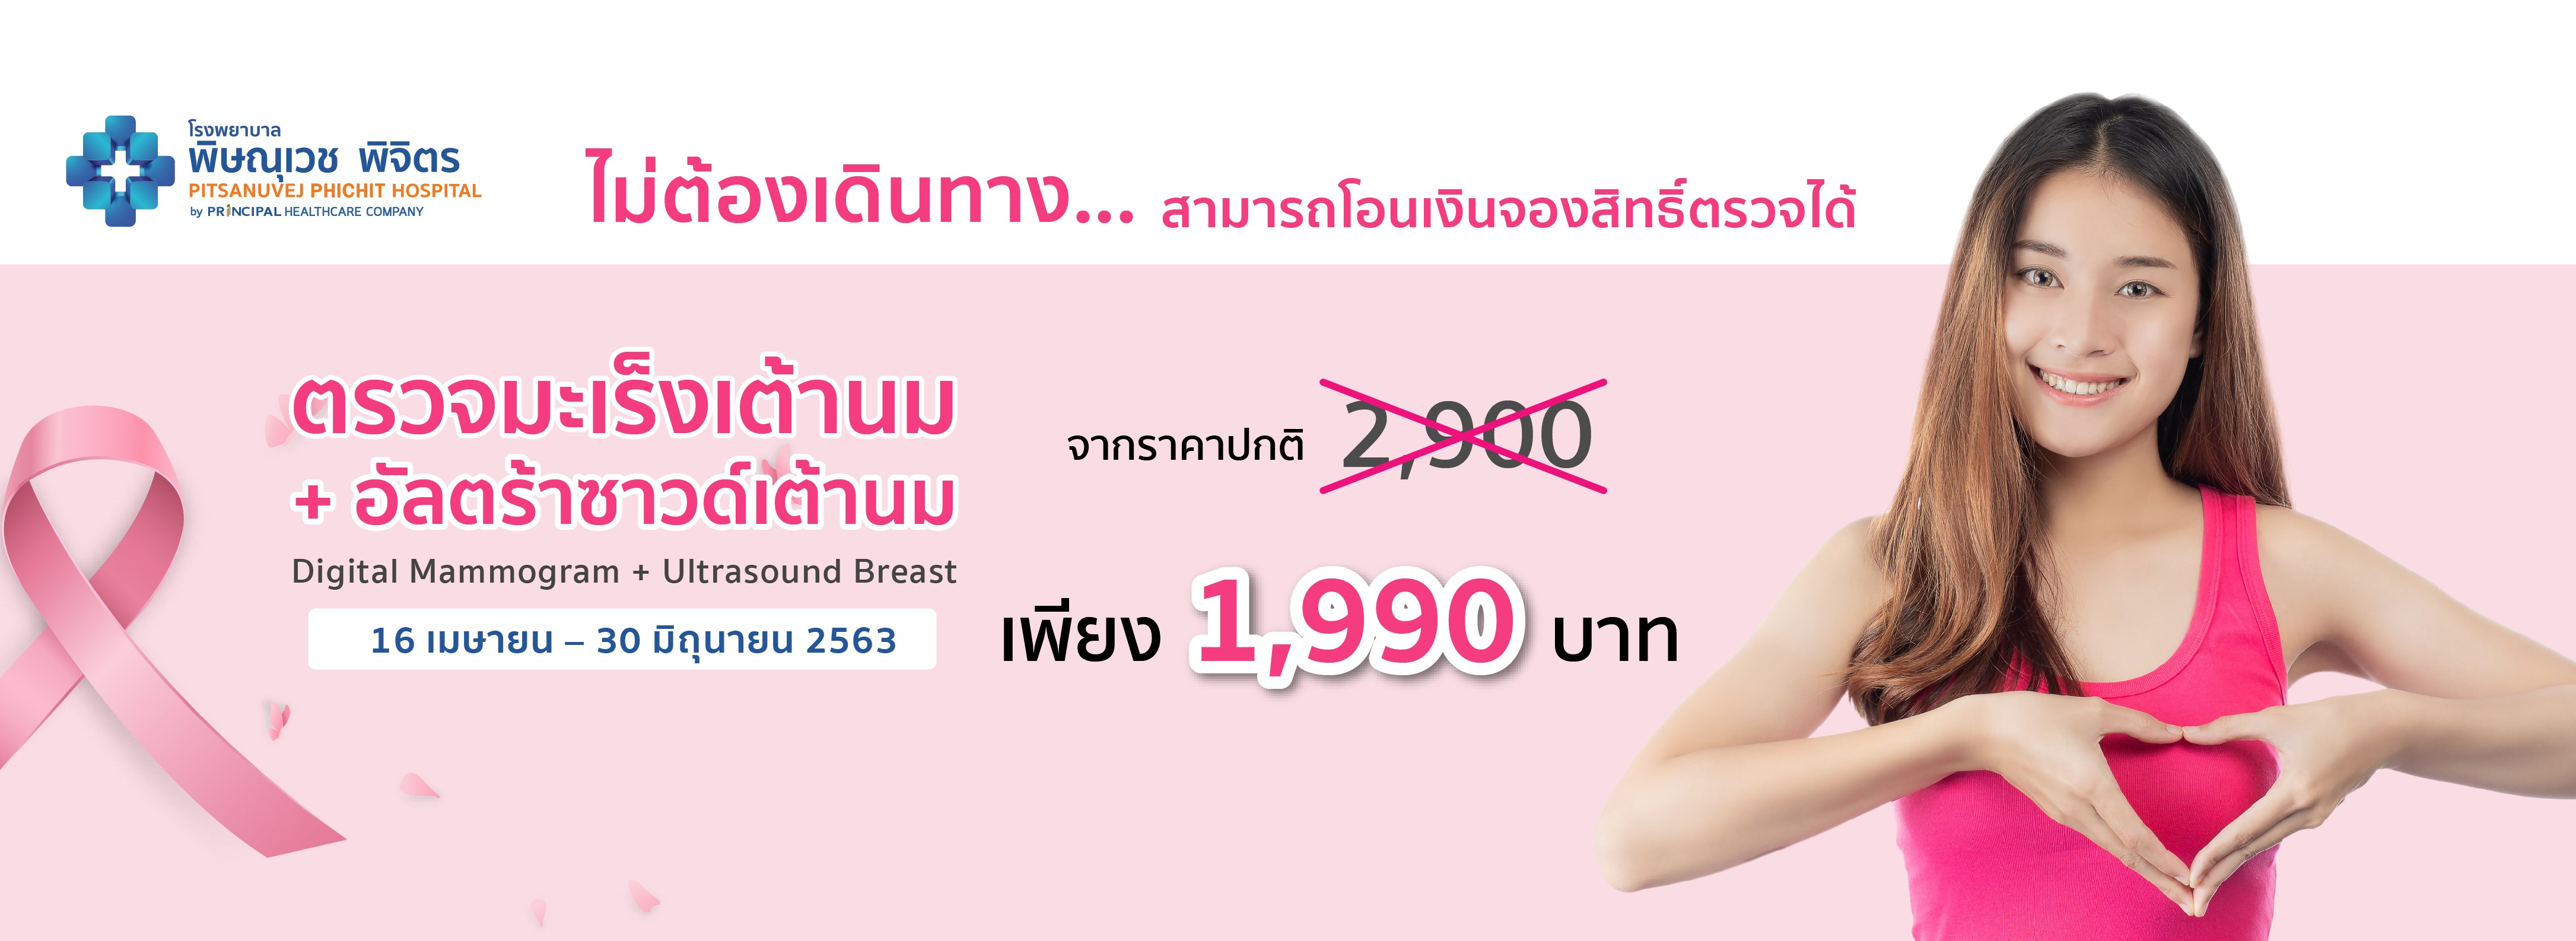 ตรวจมะเร็งเต้านม ราคาพิเศษ